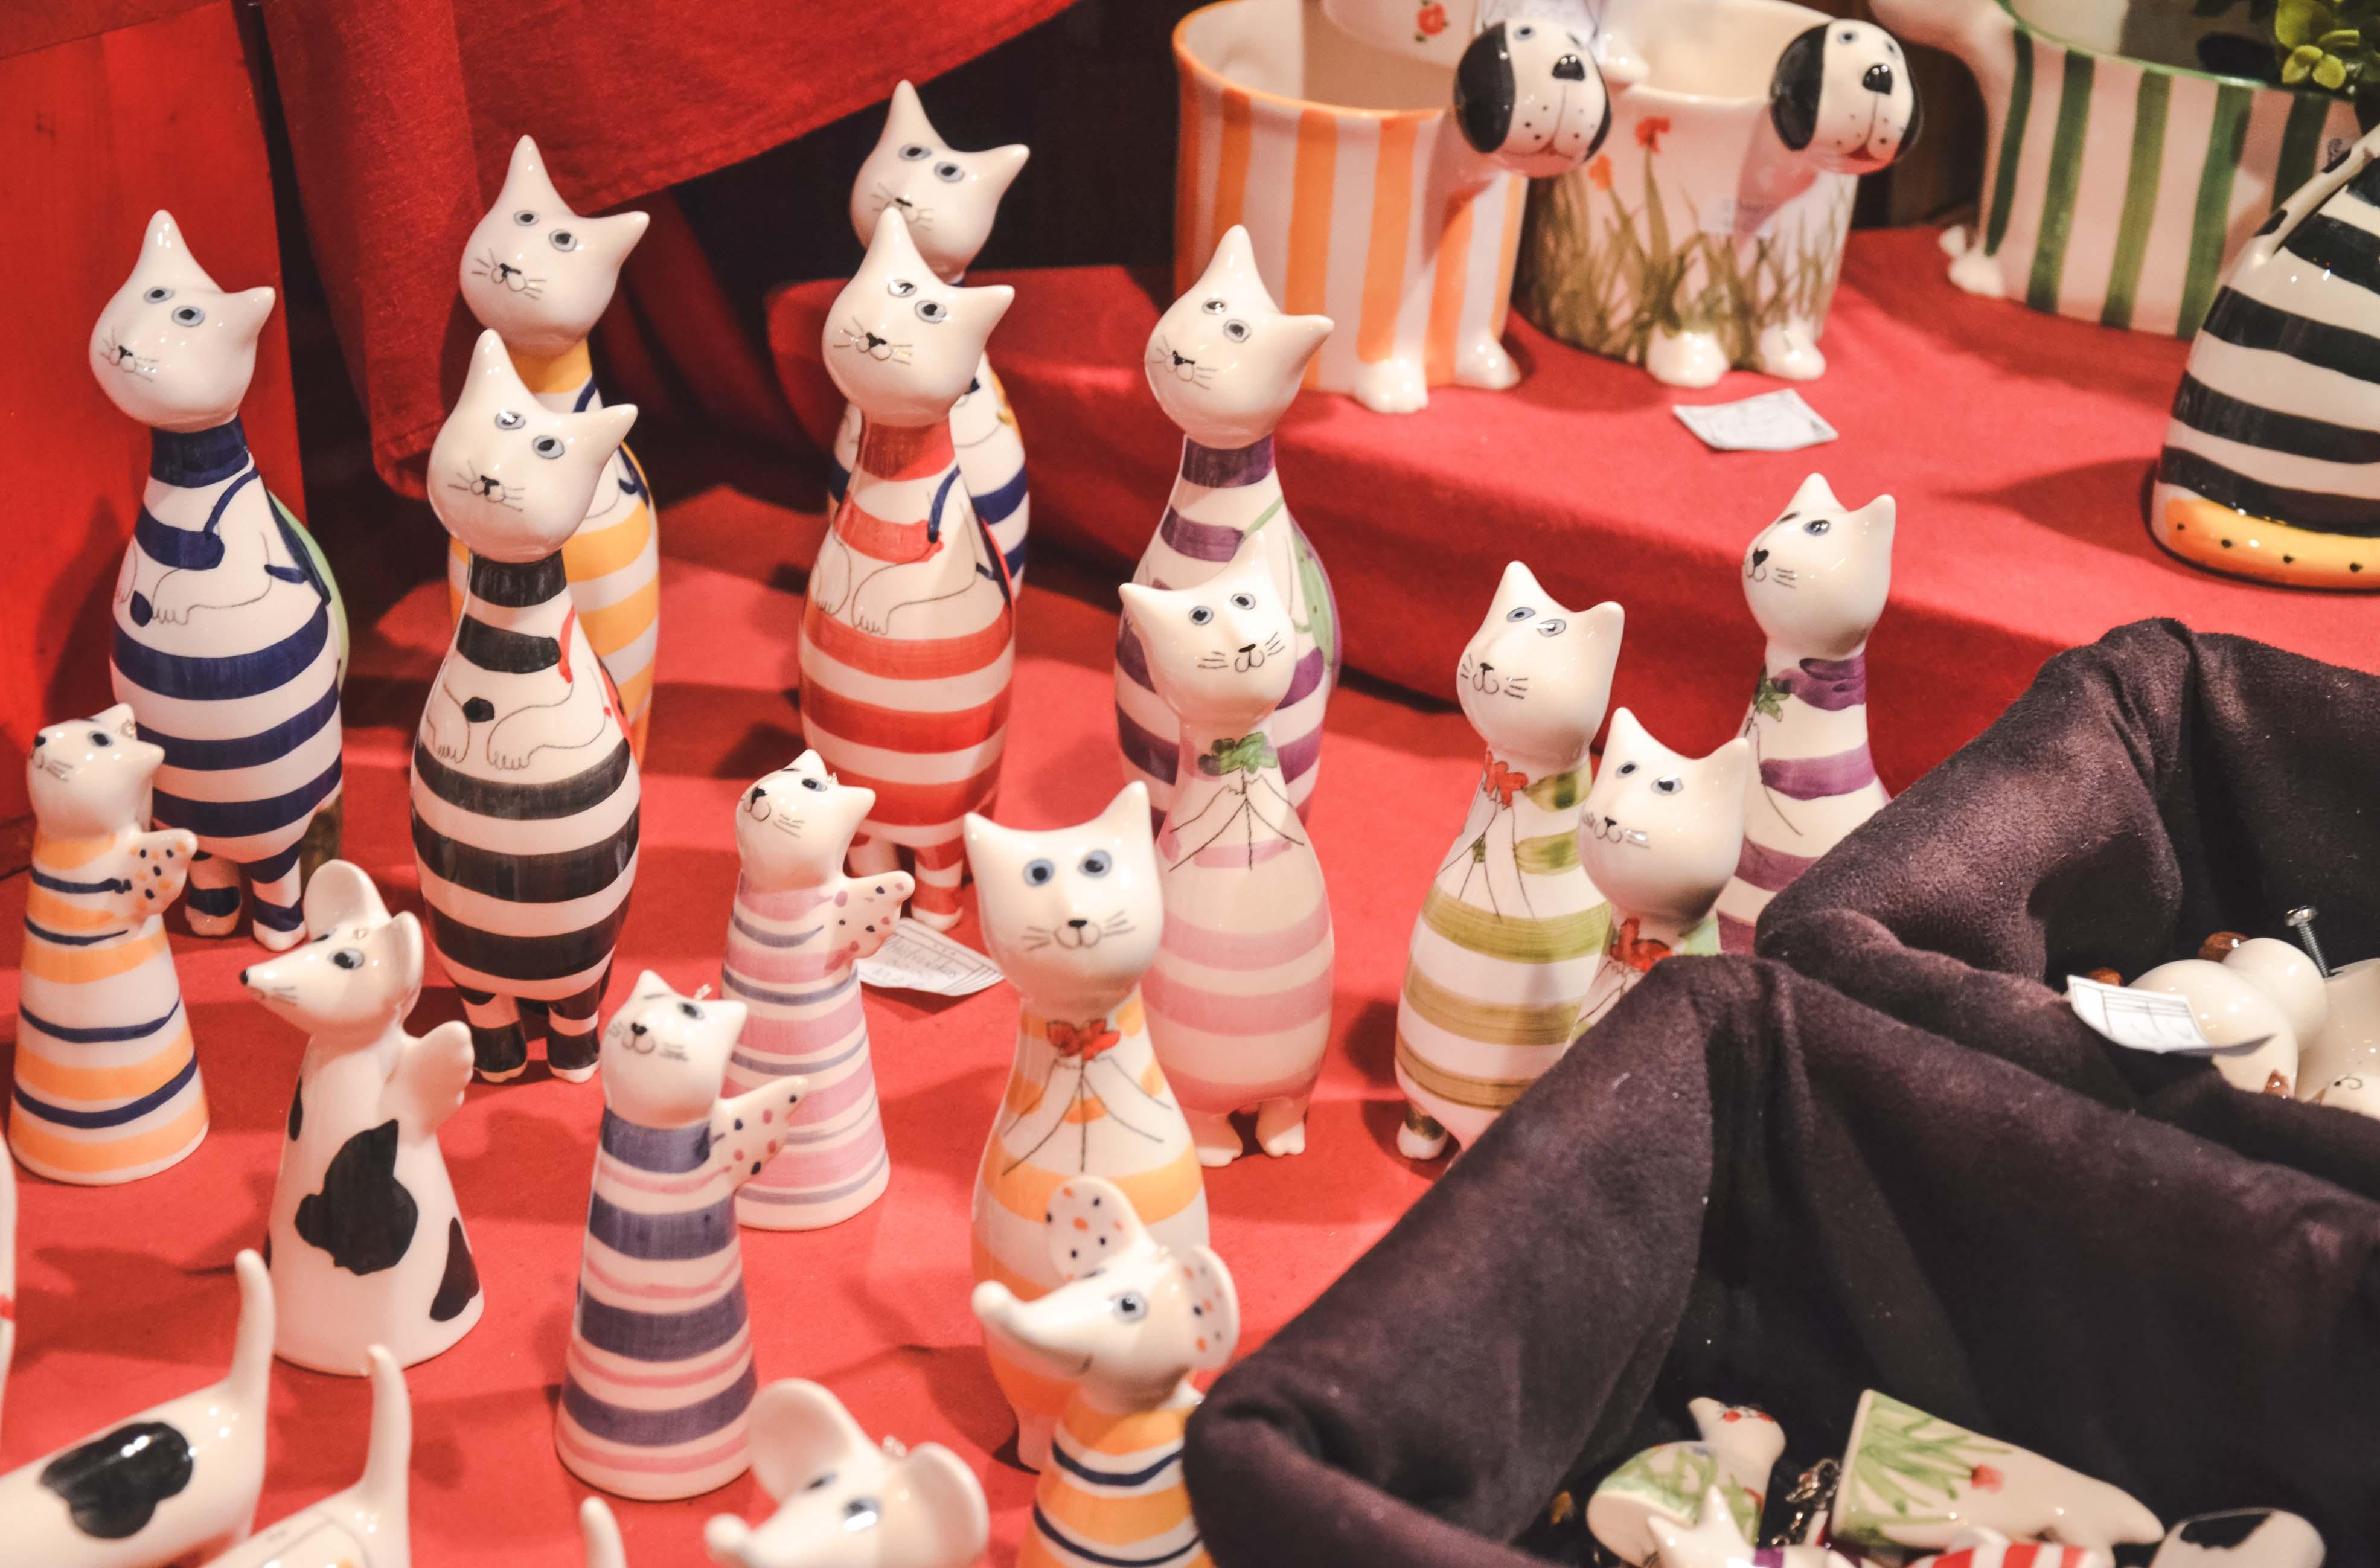 Керамические изделия на рождественском рынке Будапешта